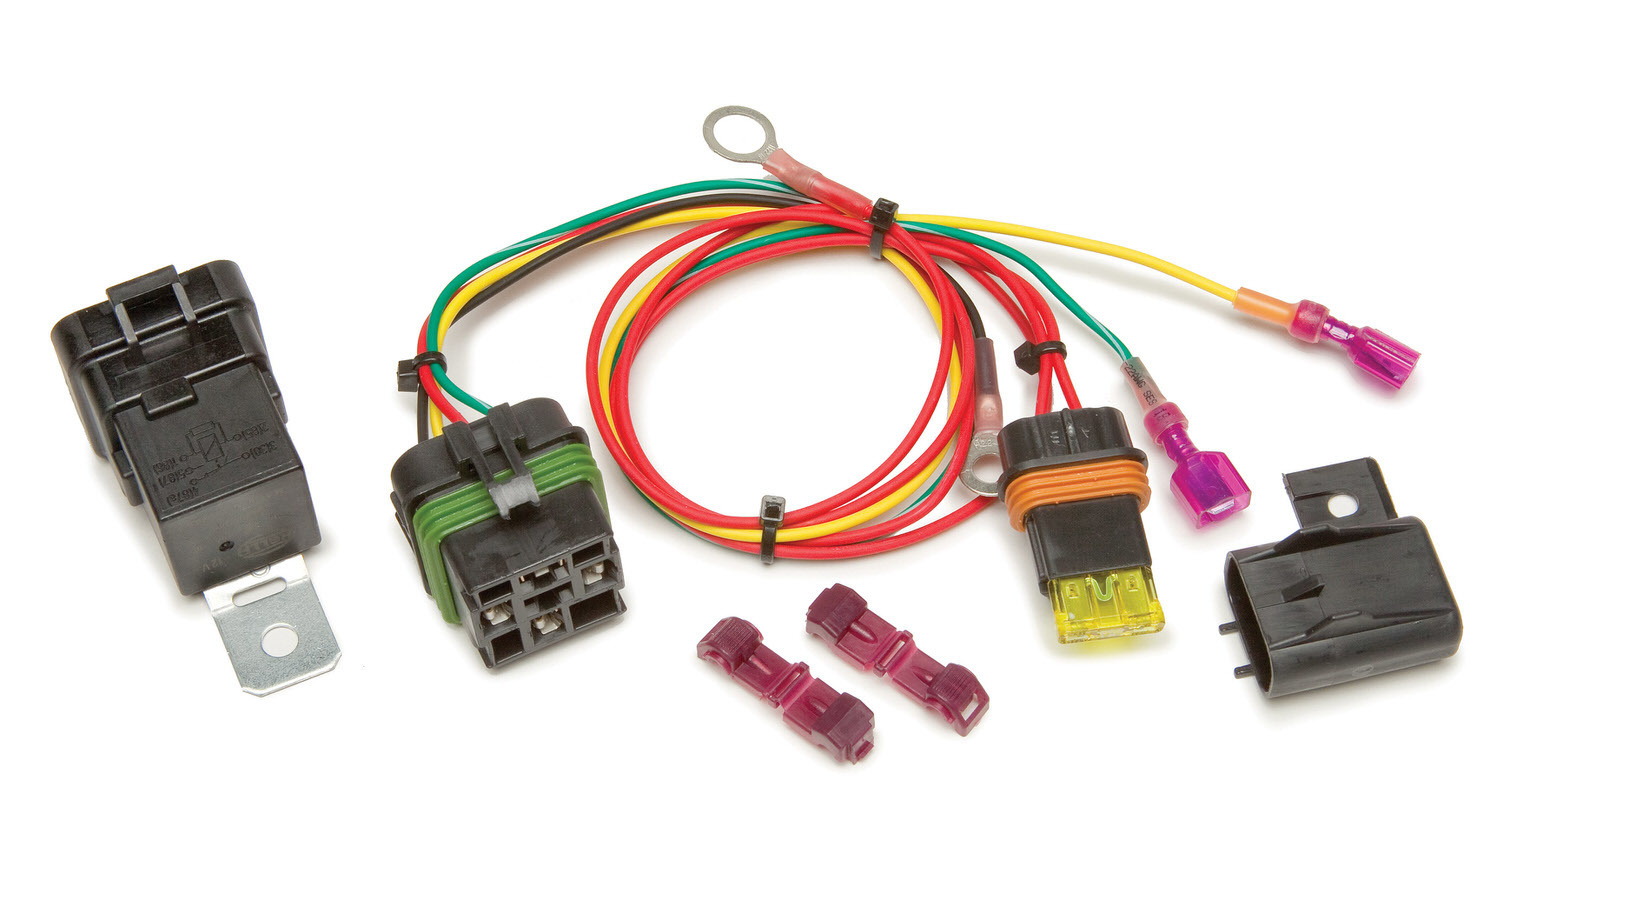 Painless Wiring 30822 High Beam Relay, Relay / Terminals / Wiring, GM Fullsize SUV / Truck 2003-06, Kit